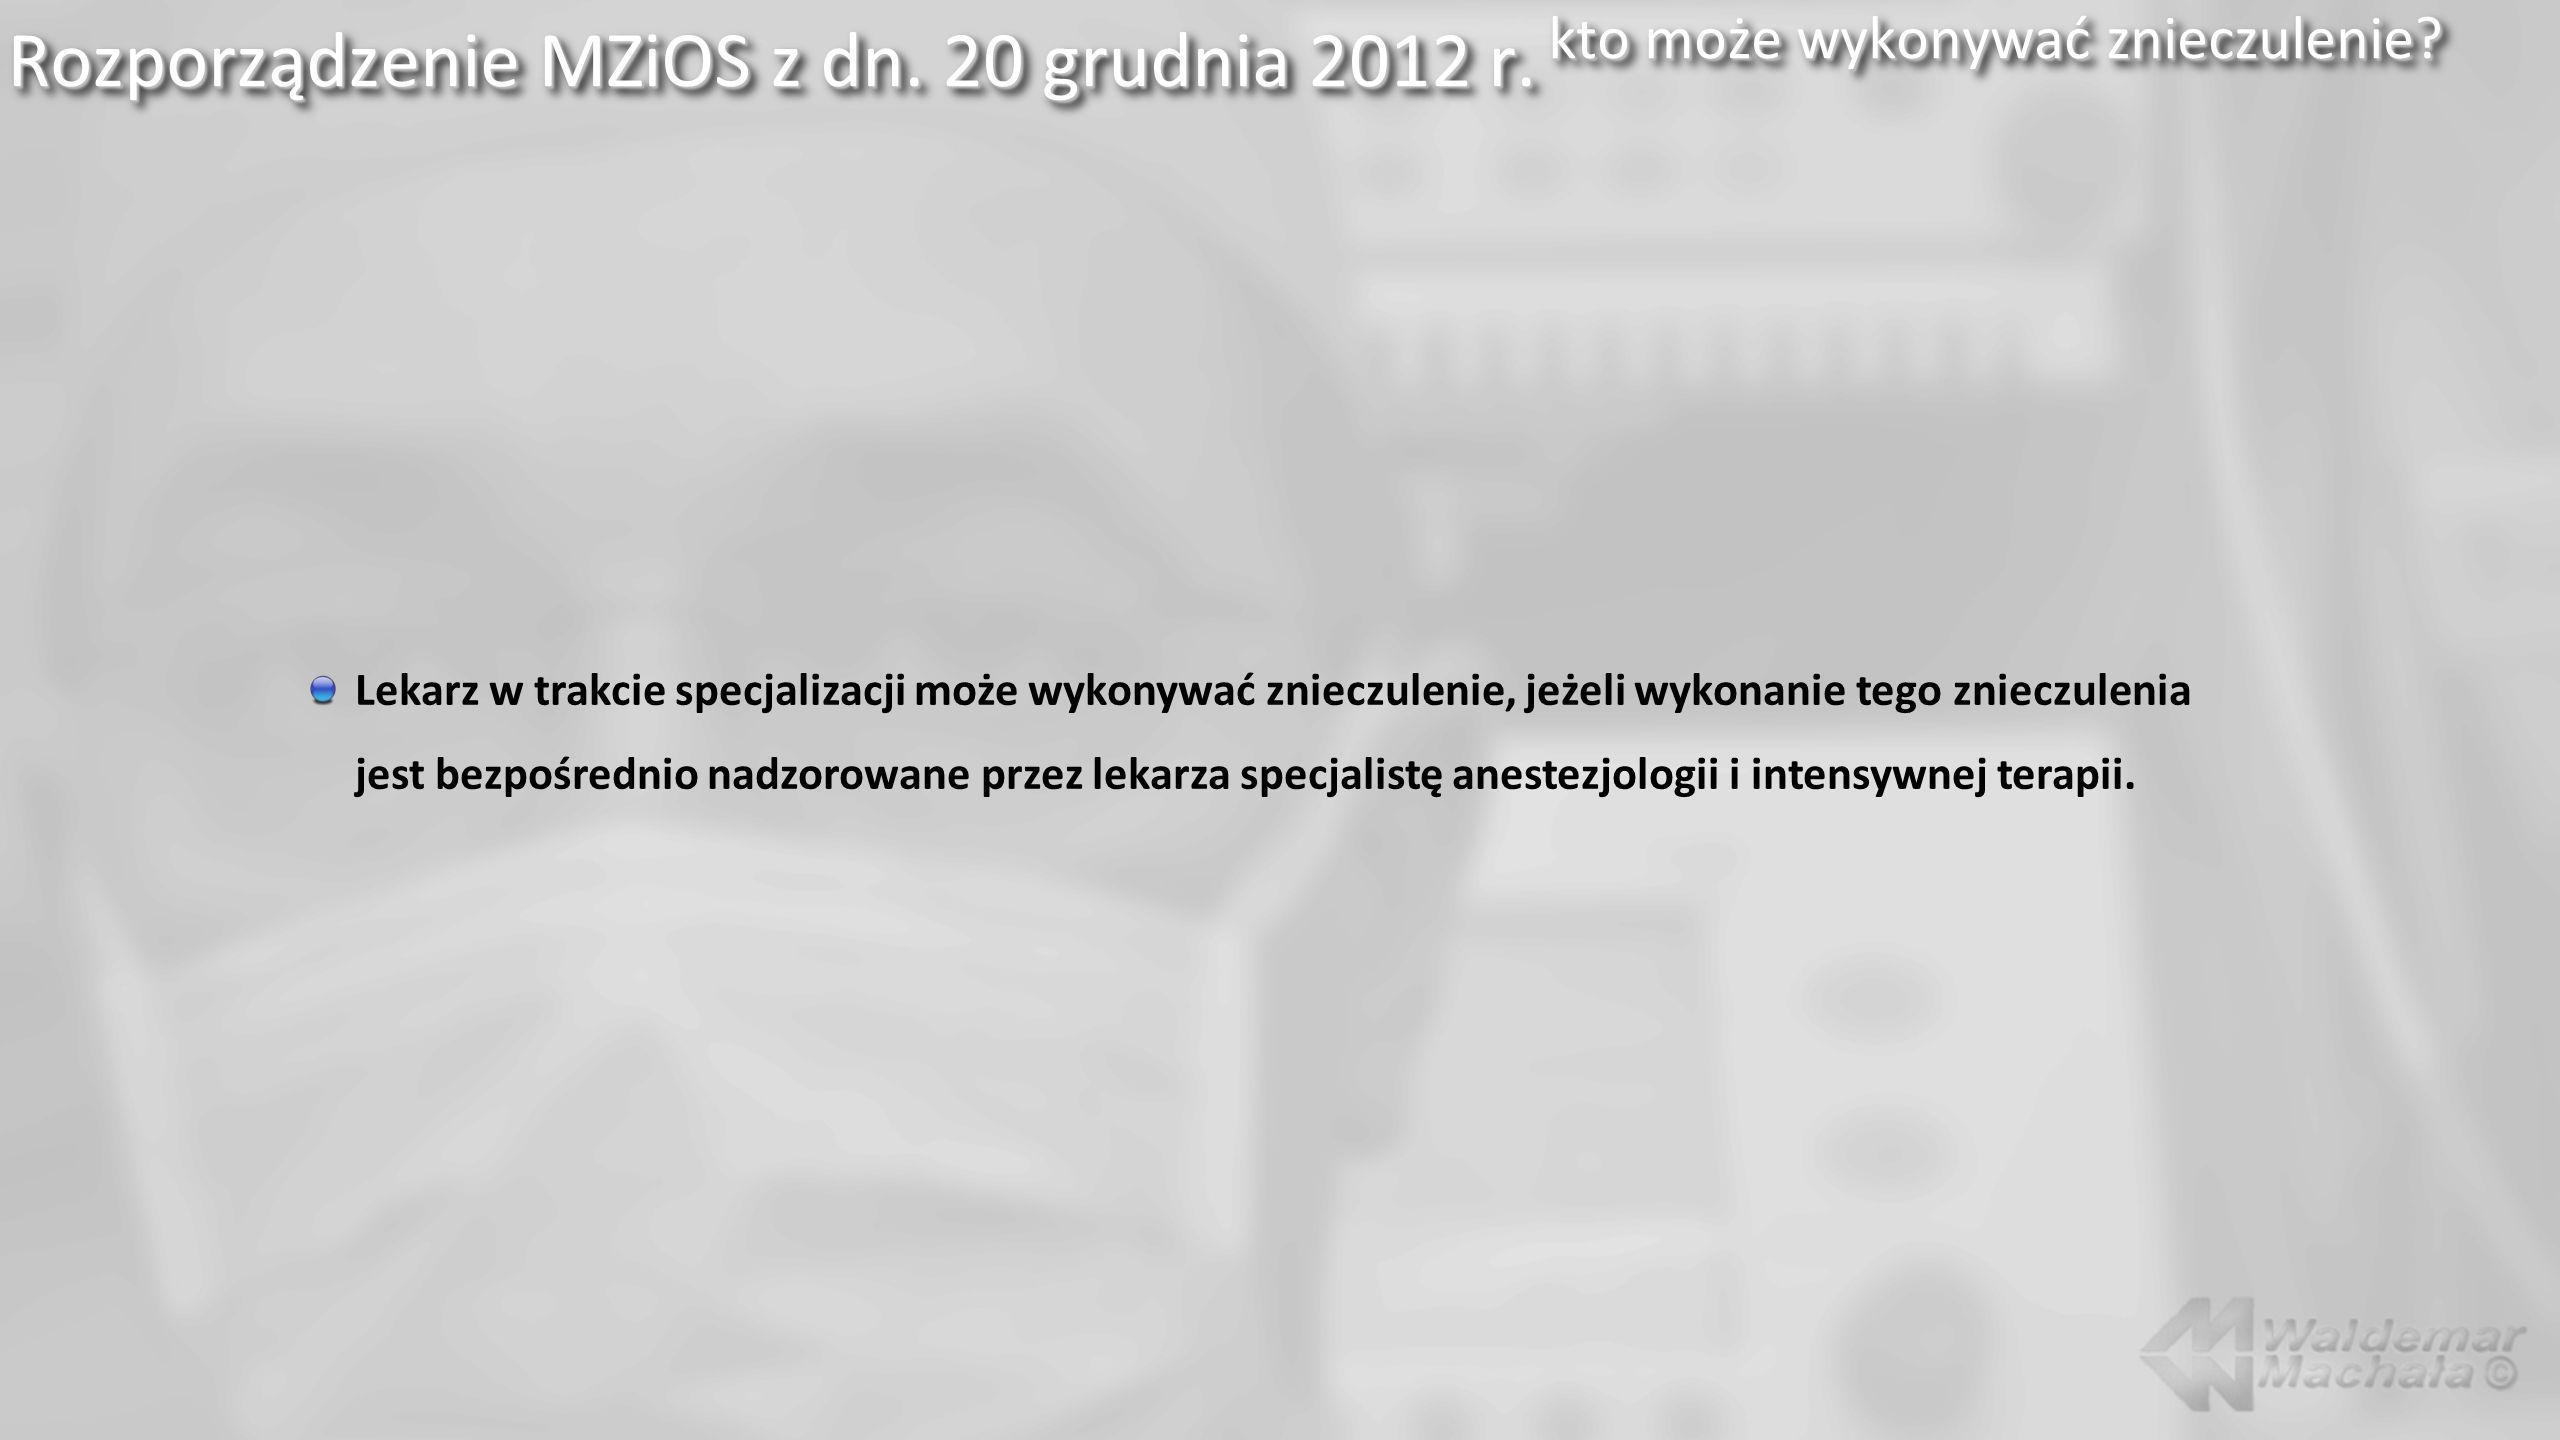 Rozporządzenie MZiOS z dn. 20 grudnia 2012 r